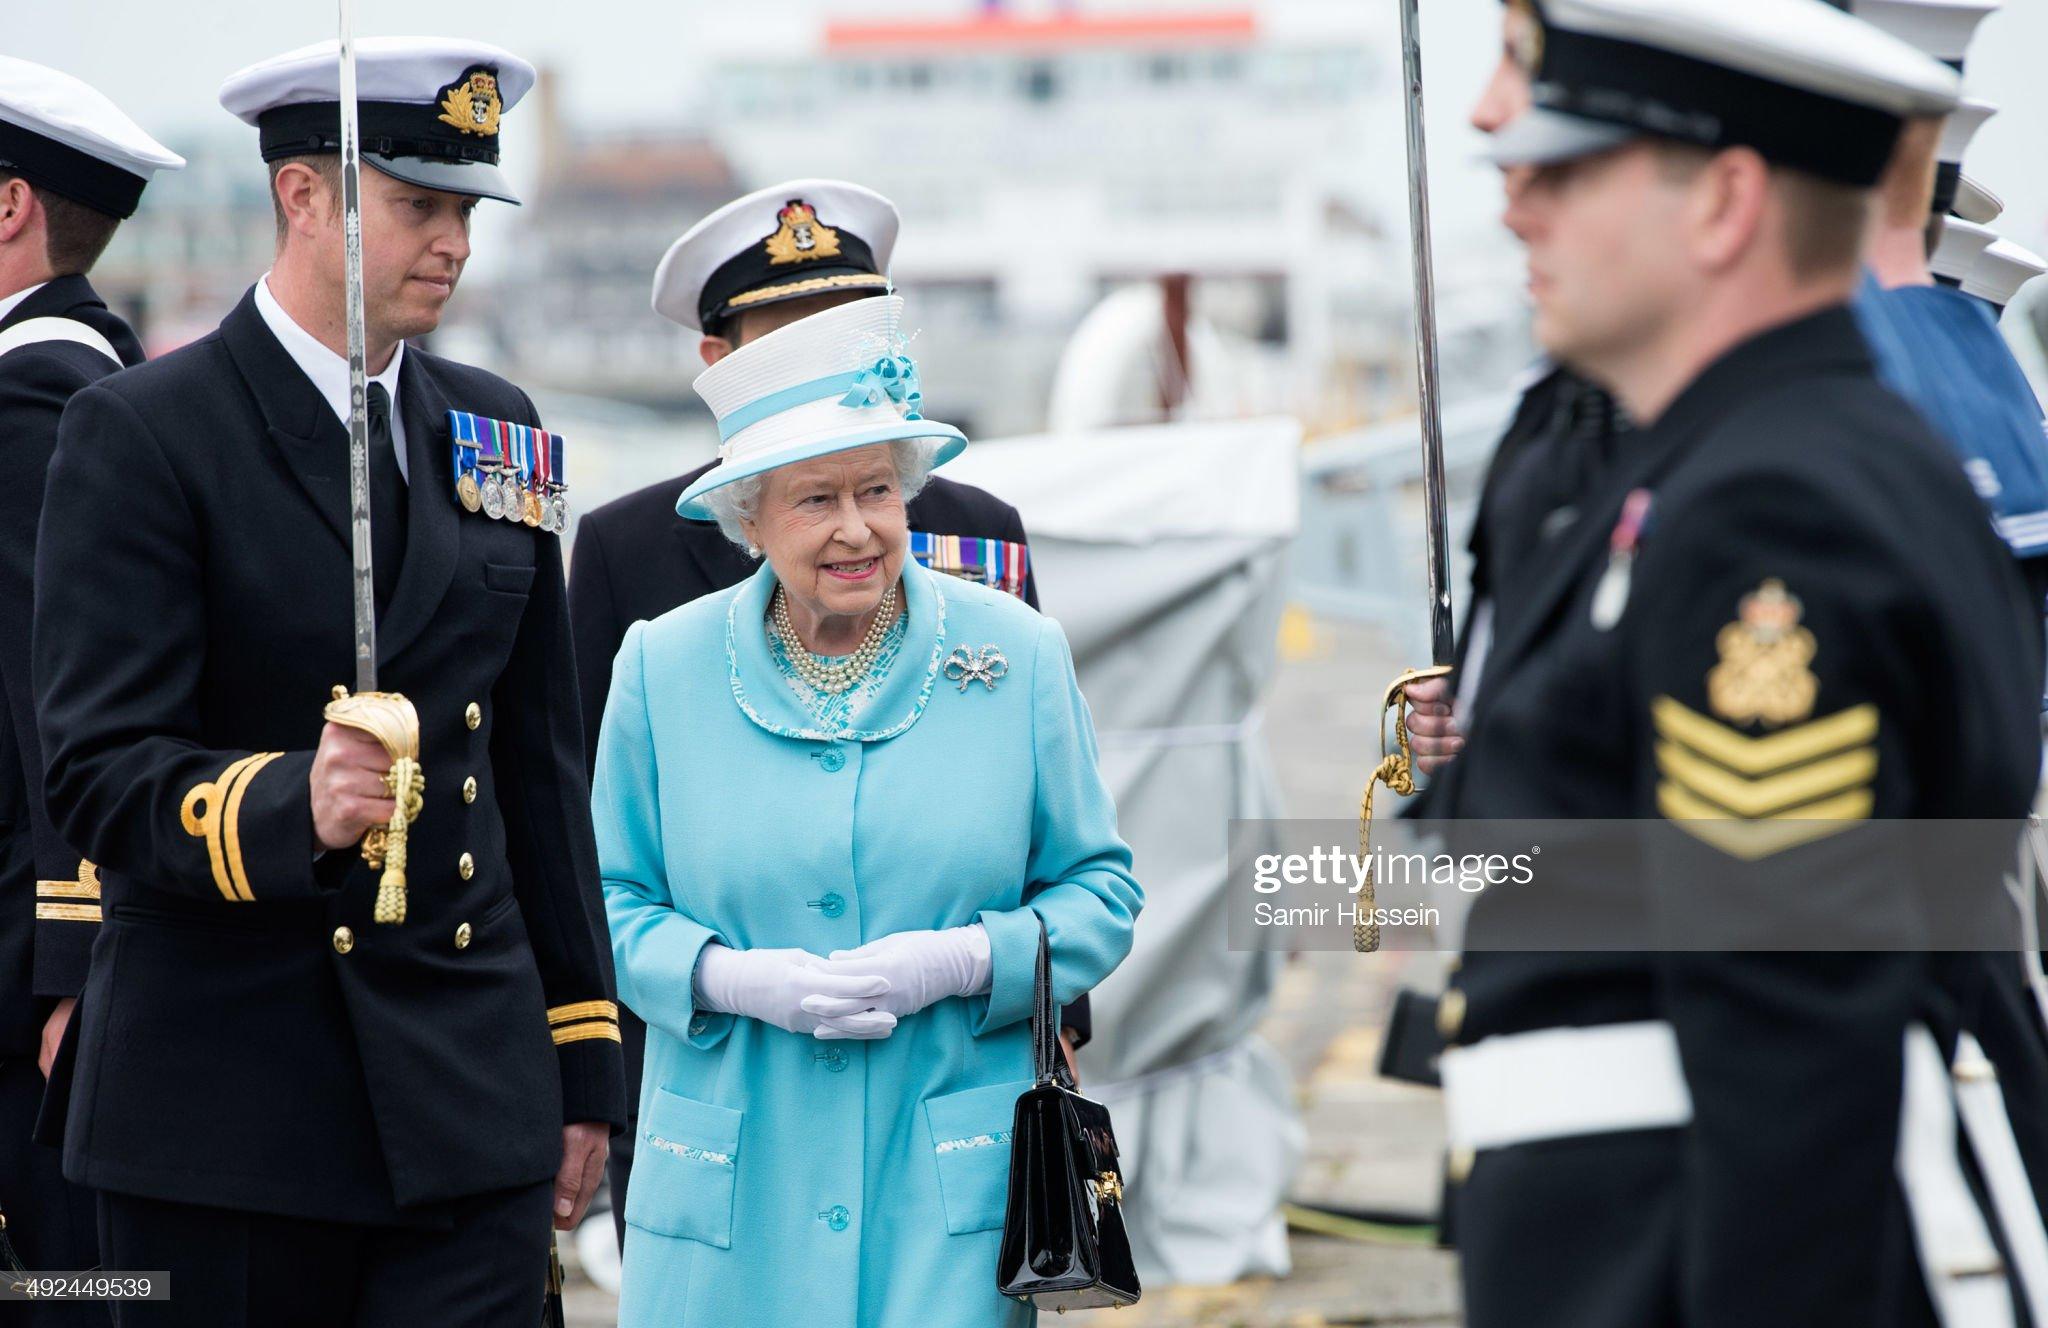 Королева Елизавета II осматривает роту корабля HMS Lancaster, когда она посещает военно-морскую базу Портсмут 20 мая 2014 года в Портсмуте, Англия